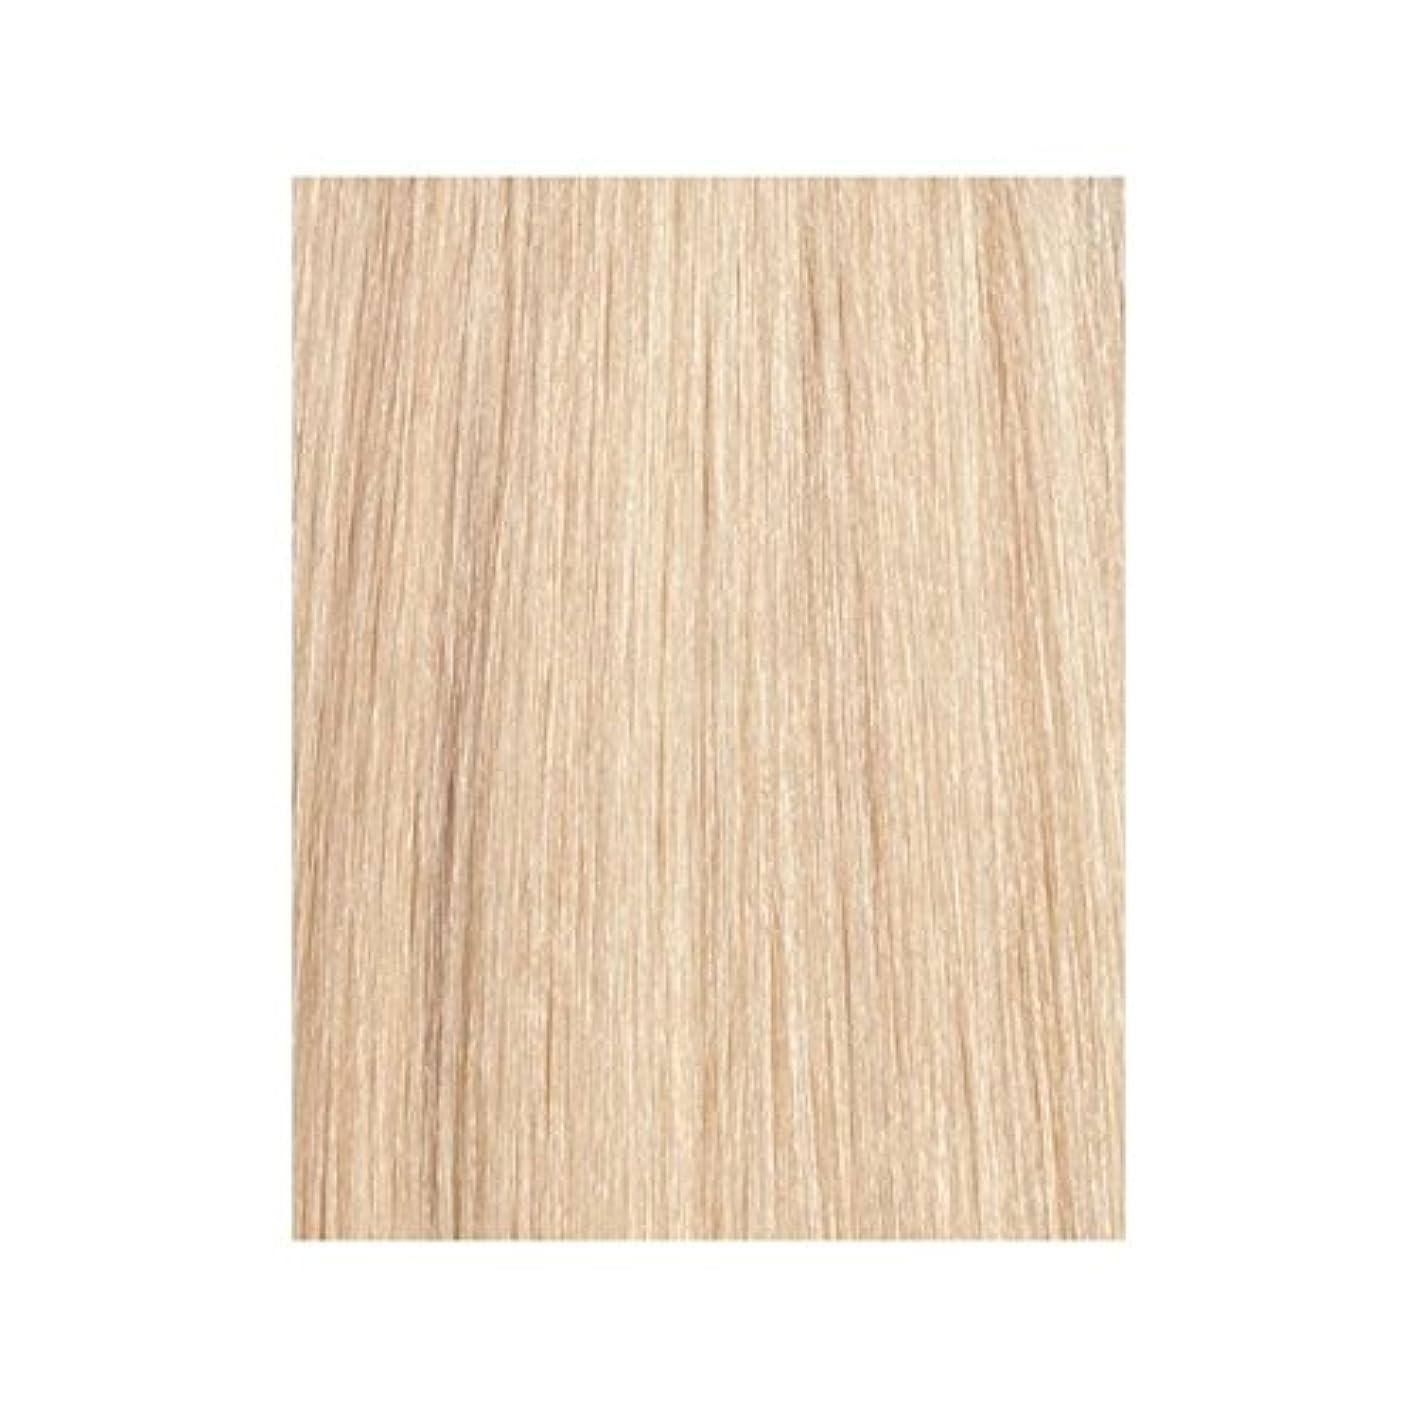 バッジパス吹雪Beauty Works 100% Remy Colour Swatch Hair Extension - La Blonde 613/24 - ラ?ブロンド24分の613 - 美しさは、100%レミーの色見本ヘアエクステンションの作品 [並行輸入品]